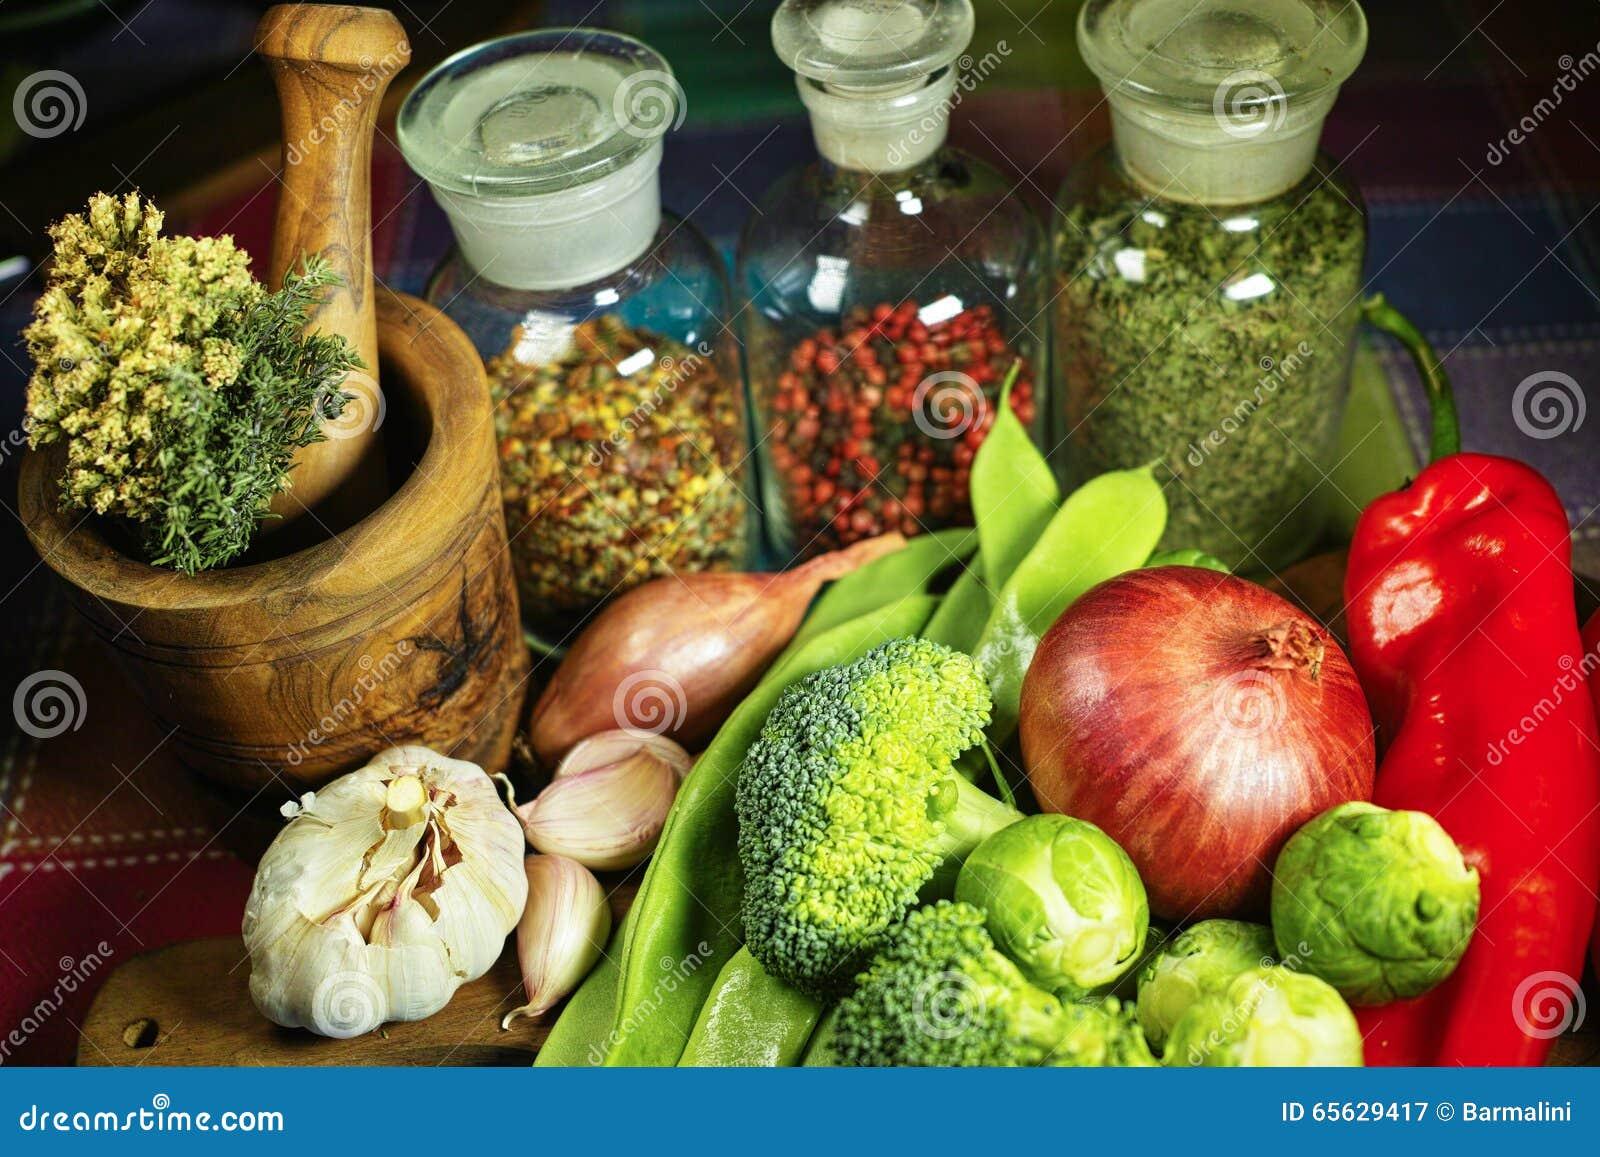 Bouteilles en verre avec des épices, des légumes rouges et verts frais, brocoli, tomates, ail, oignon